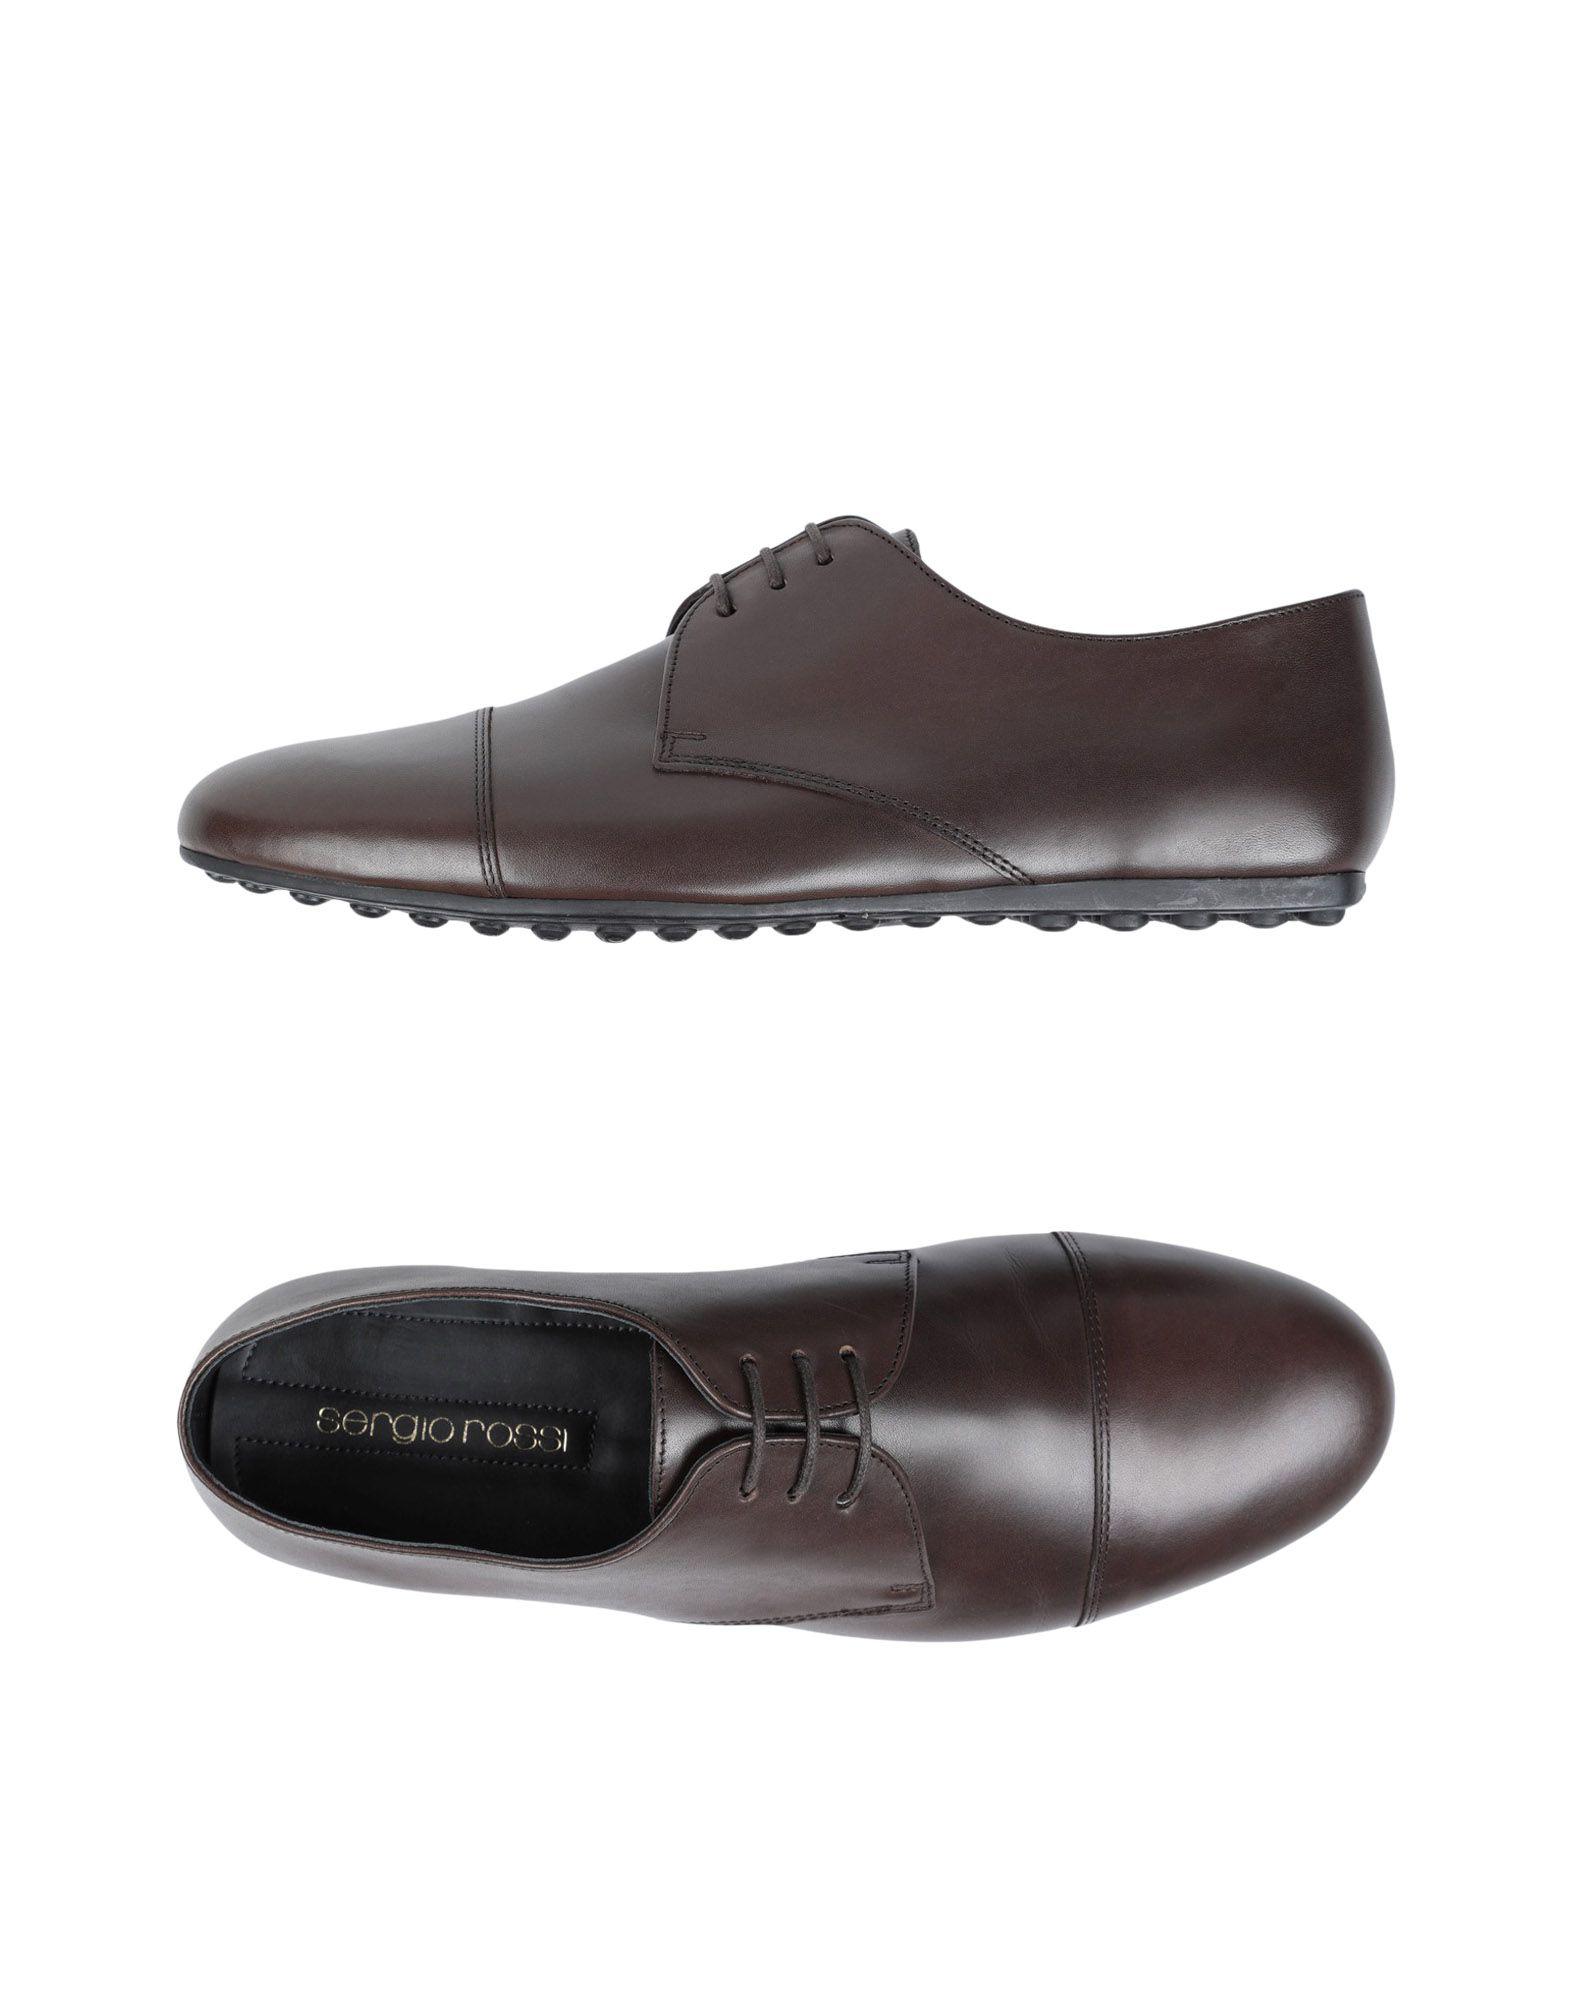 Sergio Rossi Schnürschuhe Herren  11525941LL Gute Qualität beliebte Schuhe